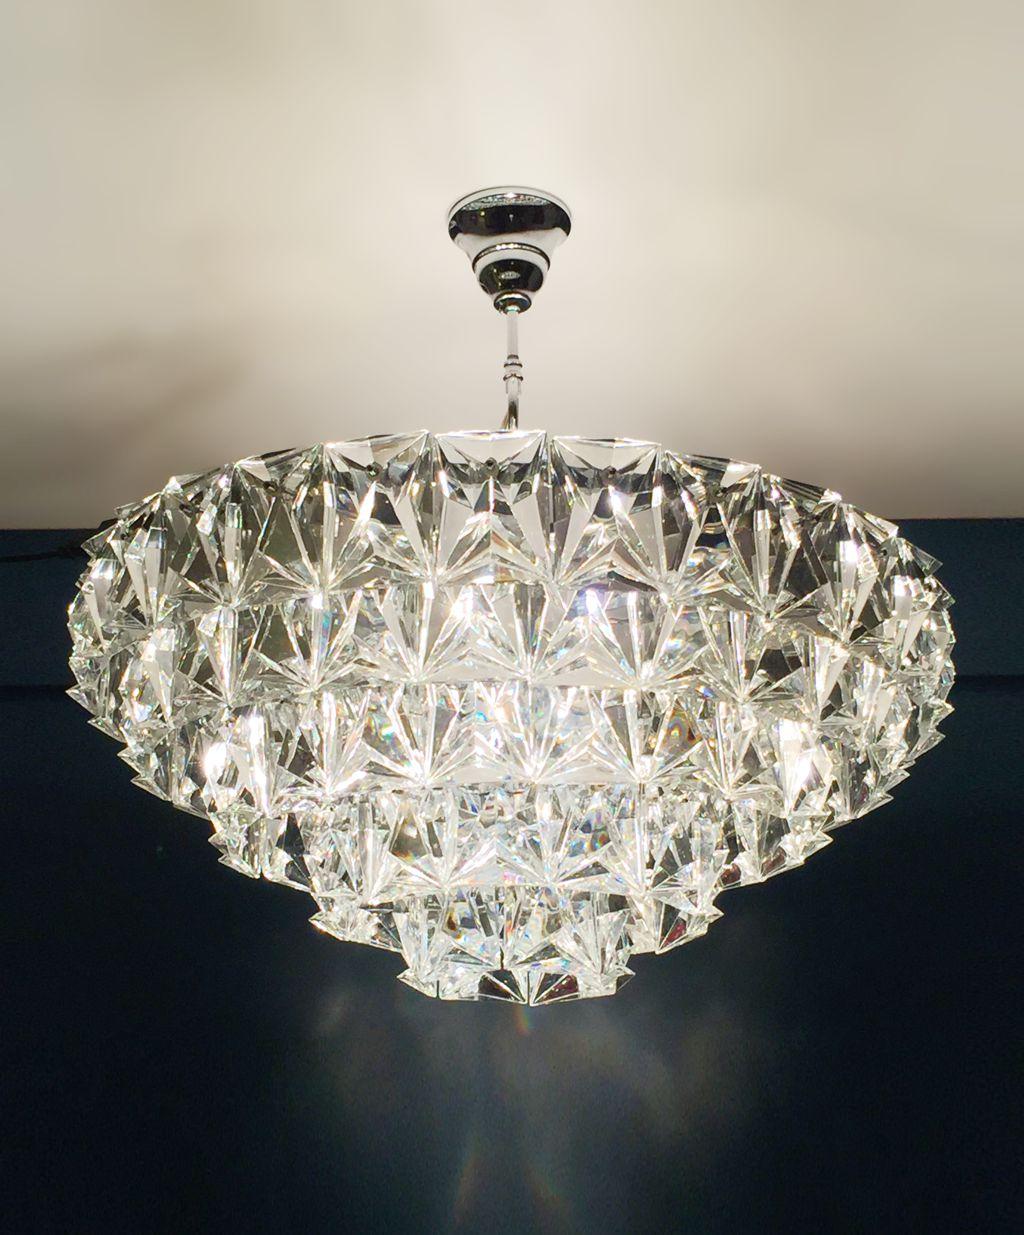 lamparas de cristal de techo lmpara de techo luz aeryn